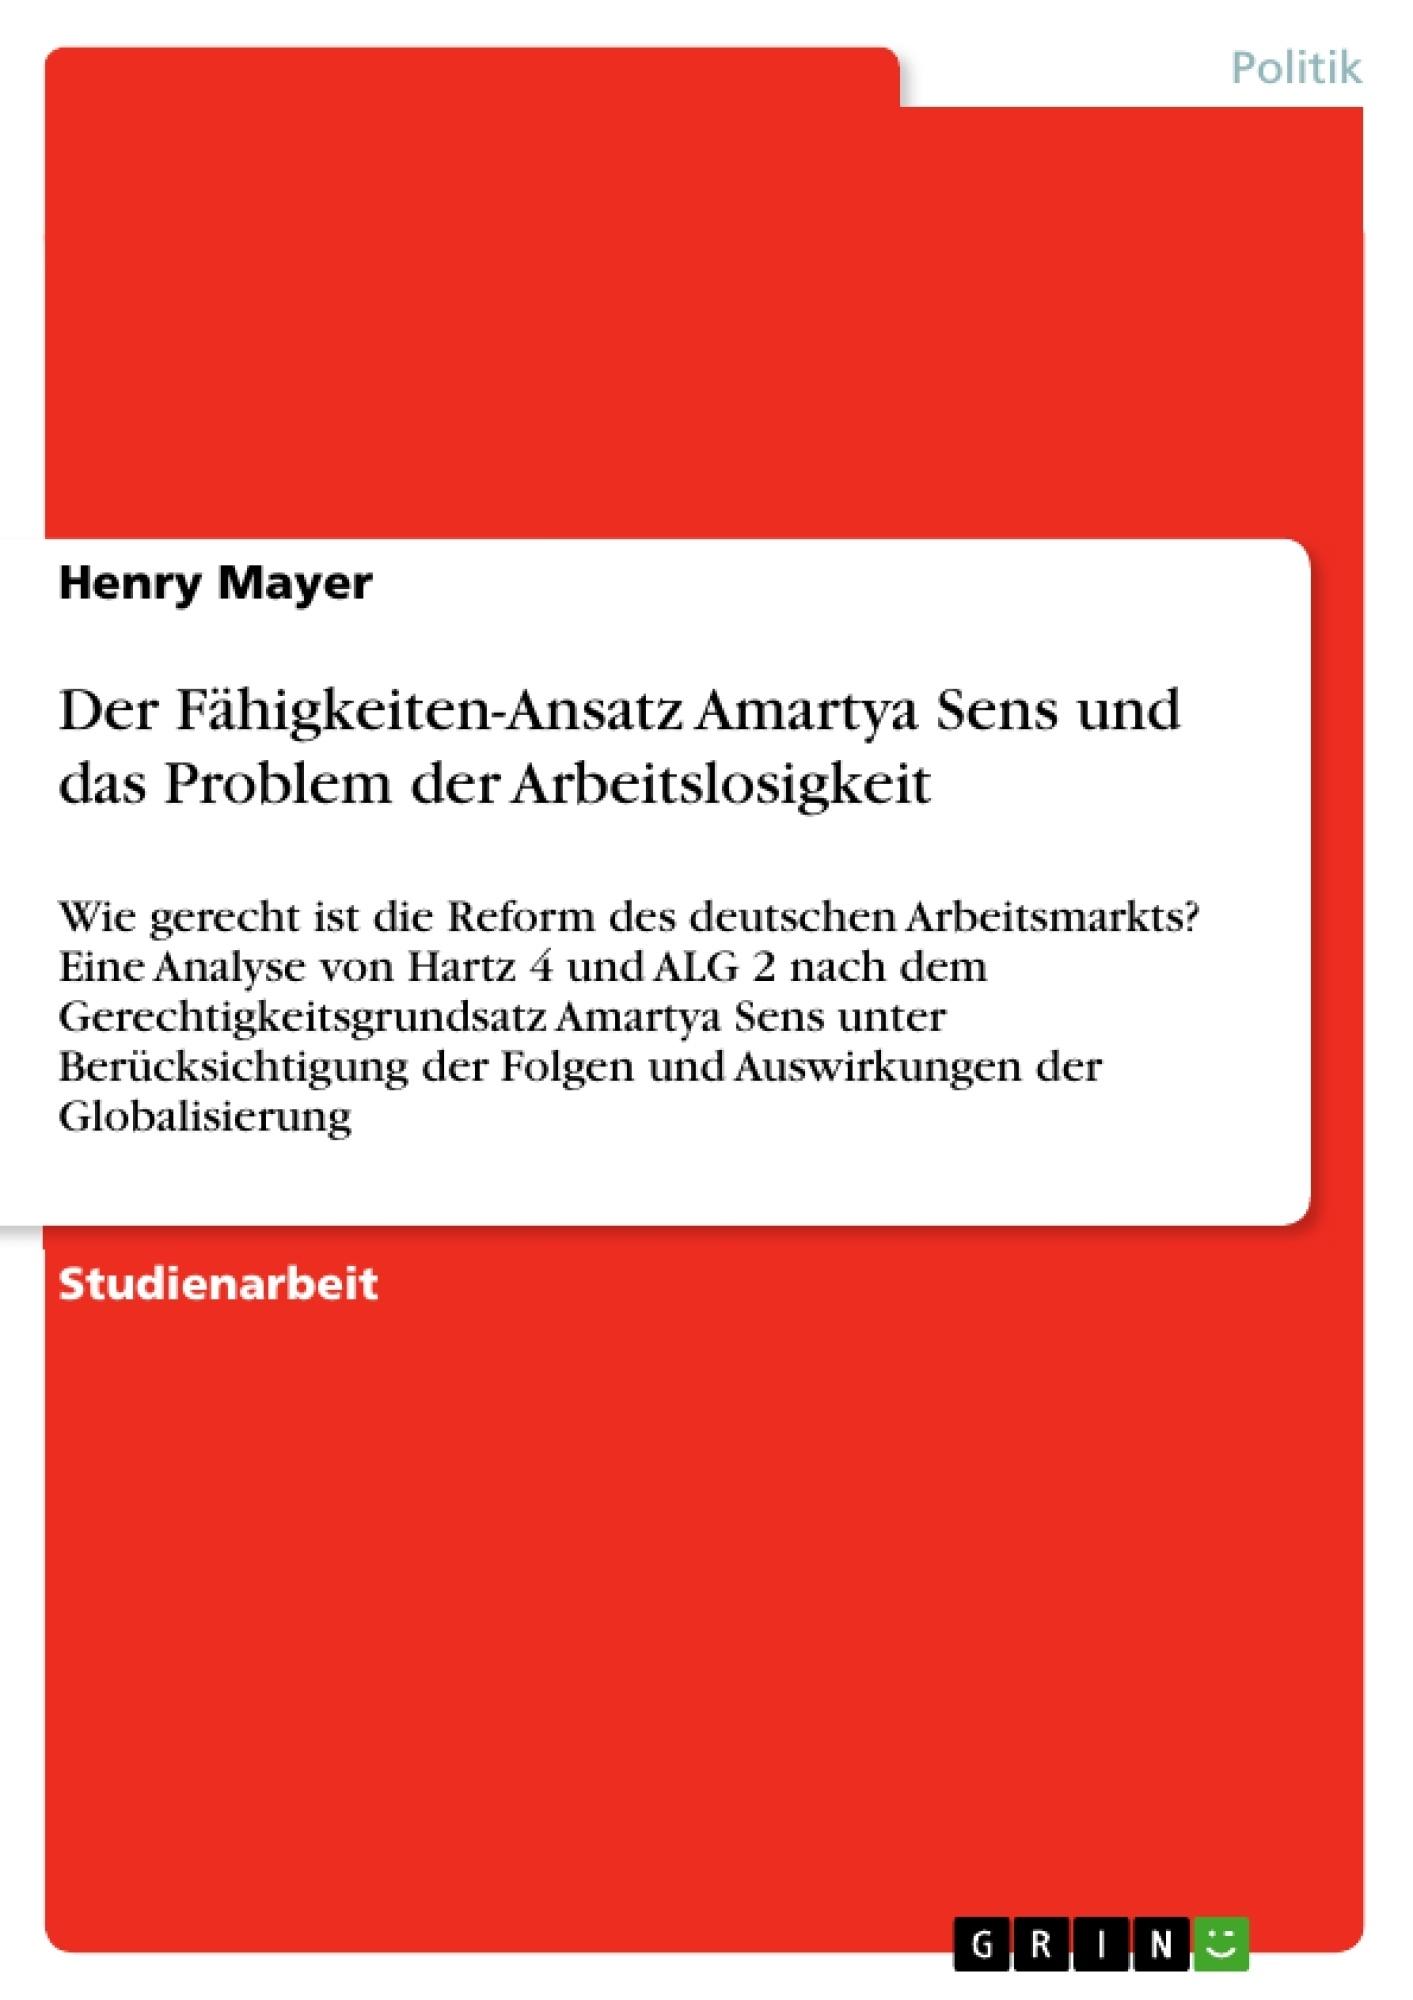 Titel: Der Fähigkeiten-Ansatz Amartya Sens und das Problem der Arbeitslosigkeit